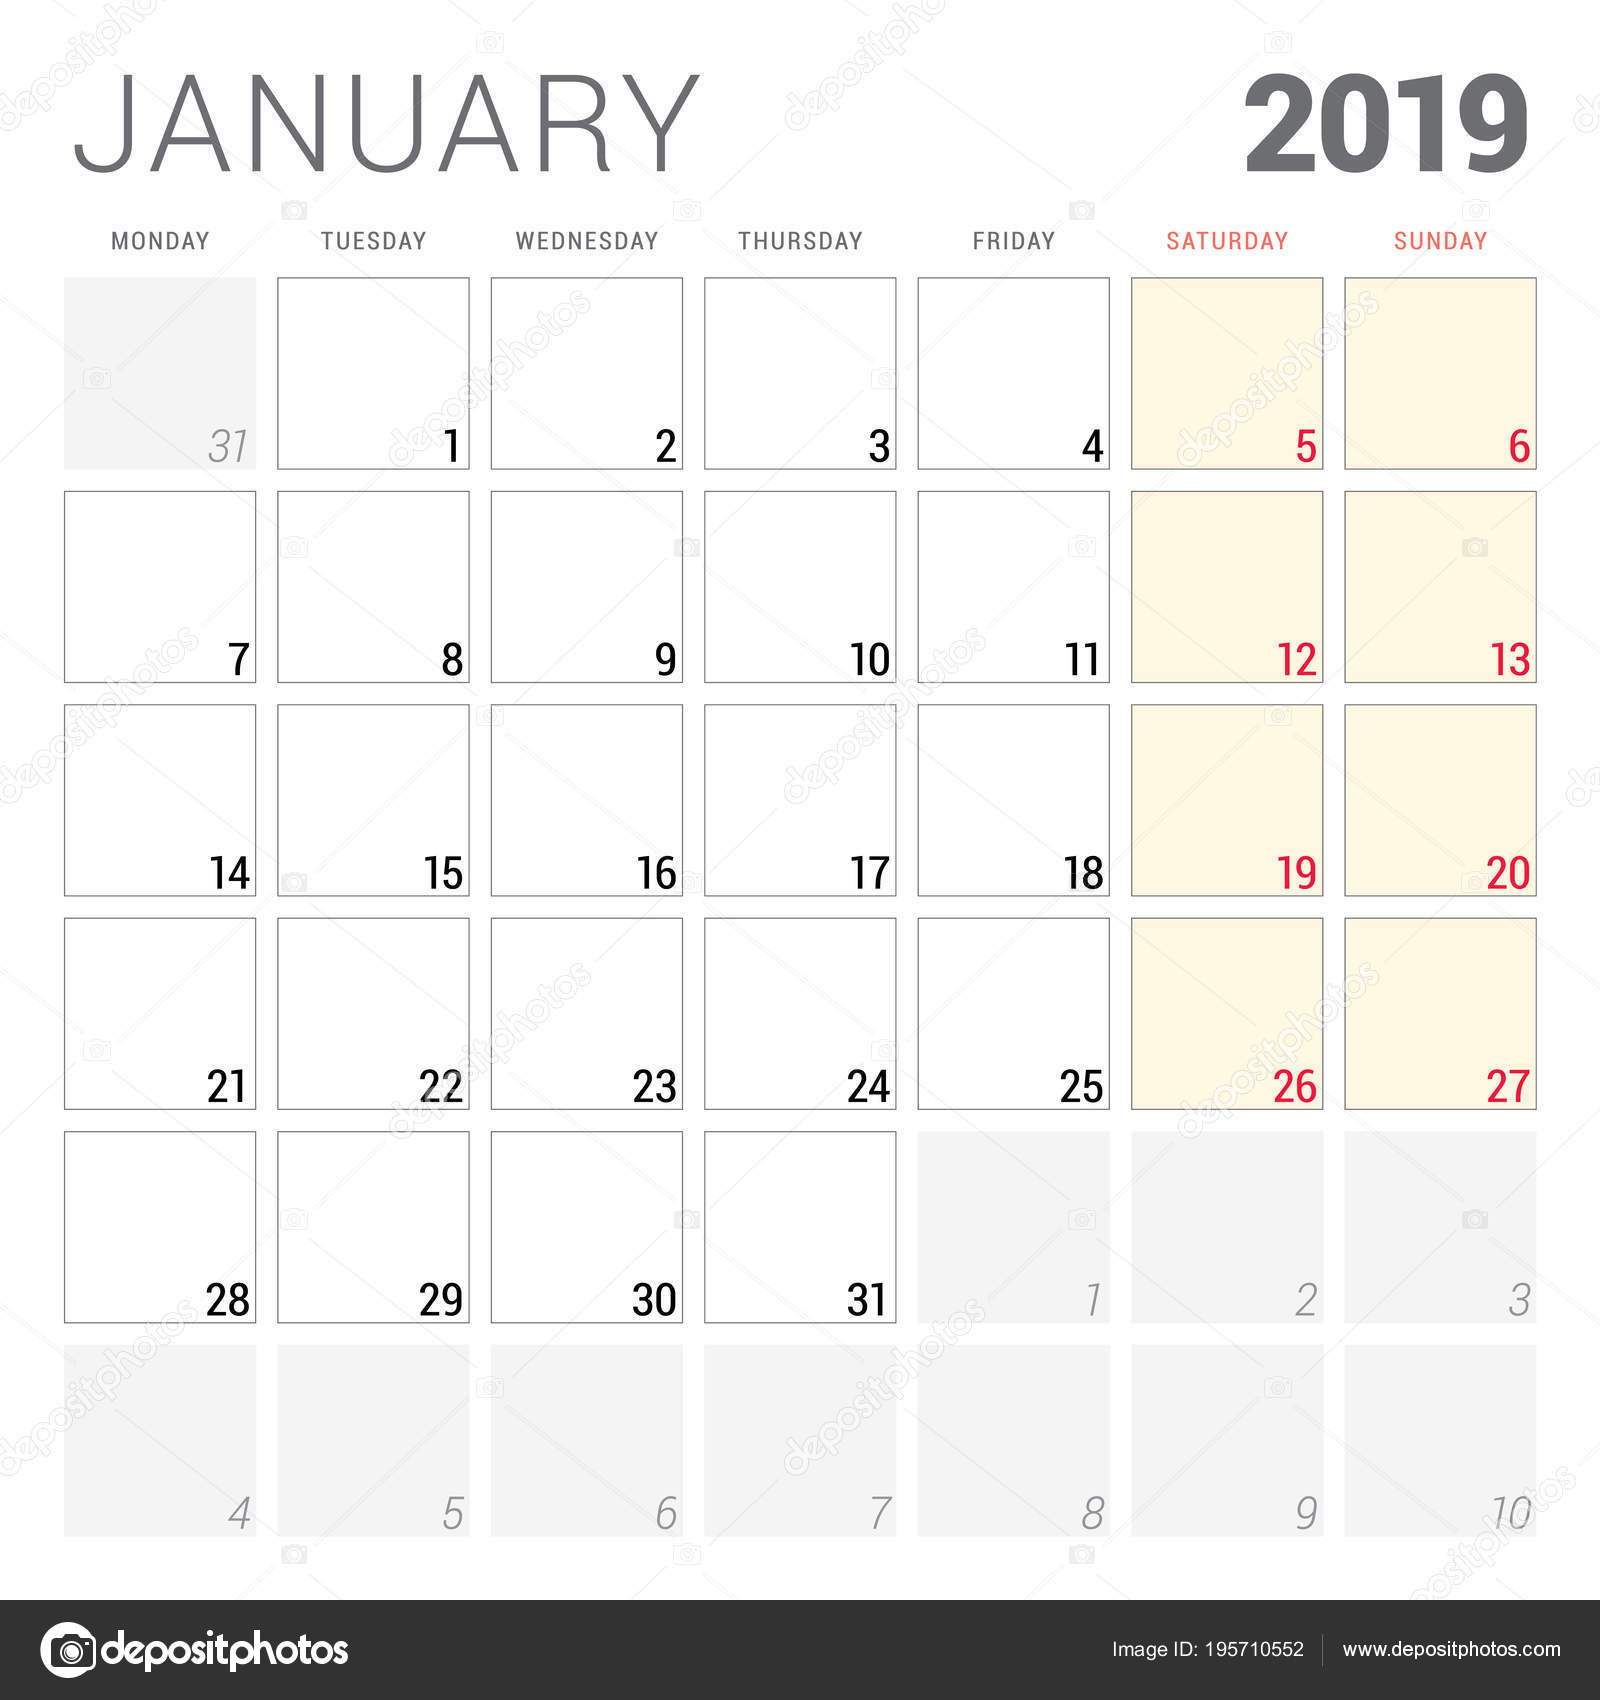 naptár 2019 január Naptár tervező január 2019. Hét kezdőnapja a hétfő. Nyomtatható  naptár 2019 január